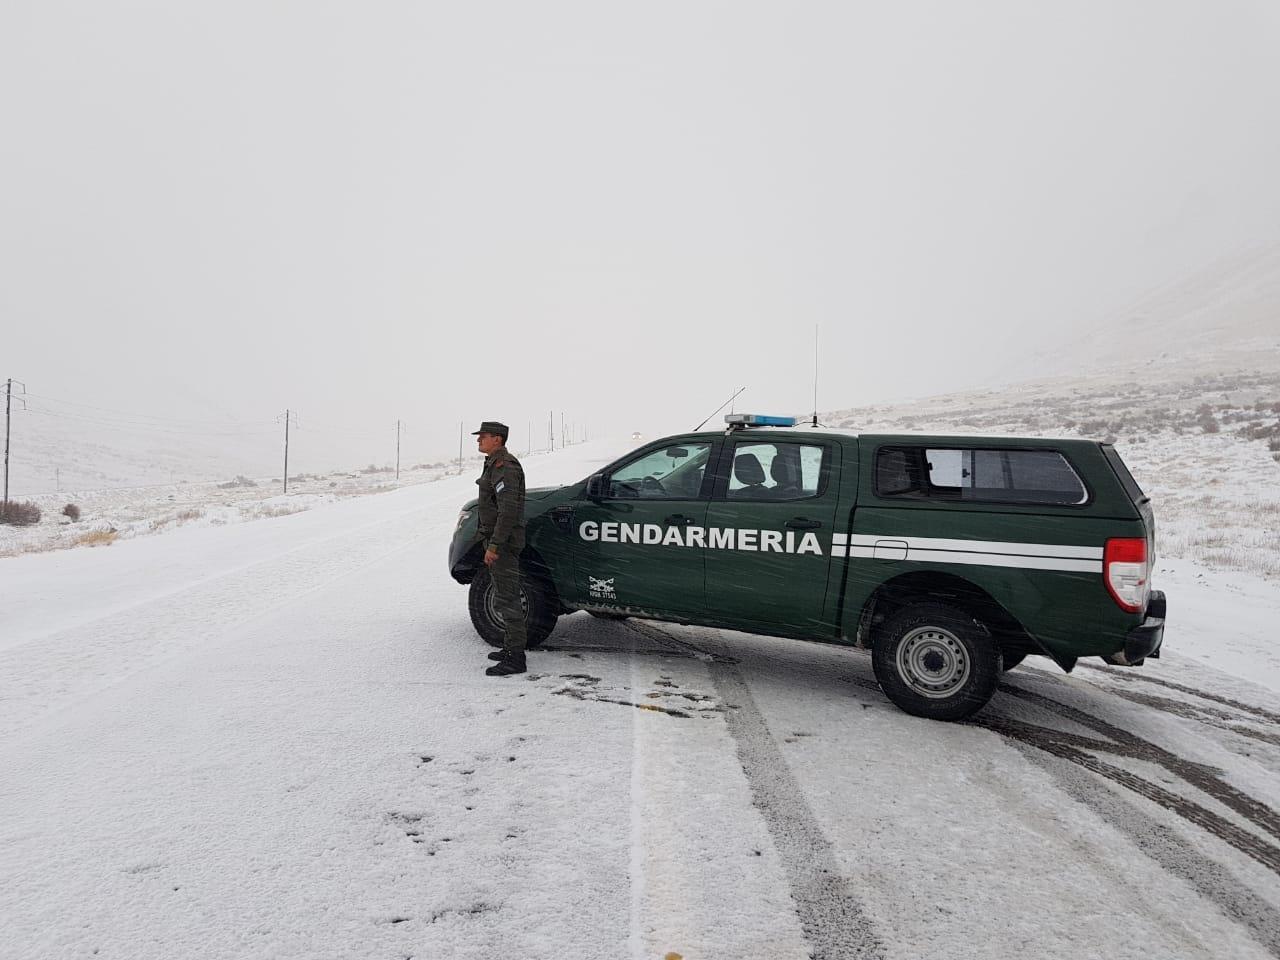 El camino a Chile cubierto de nieve — Fotos y video